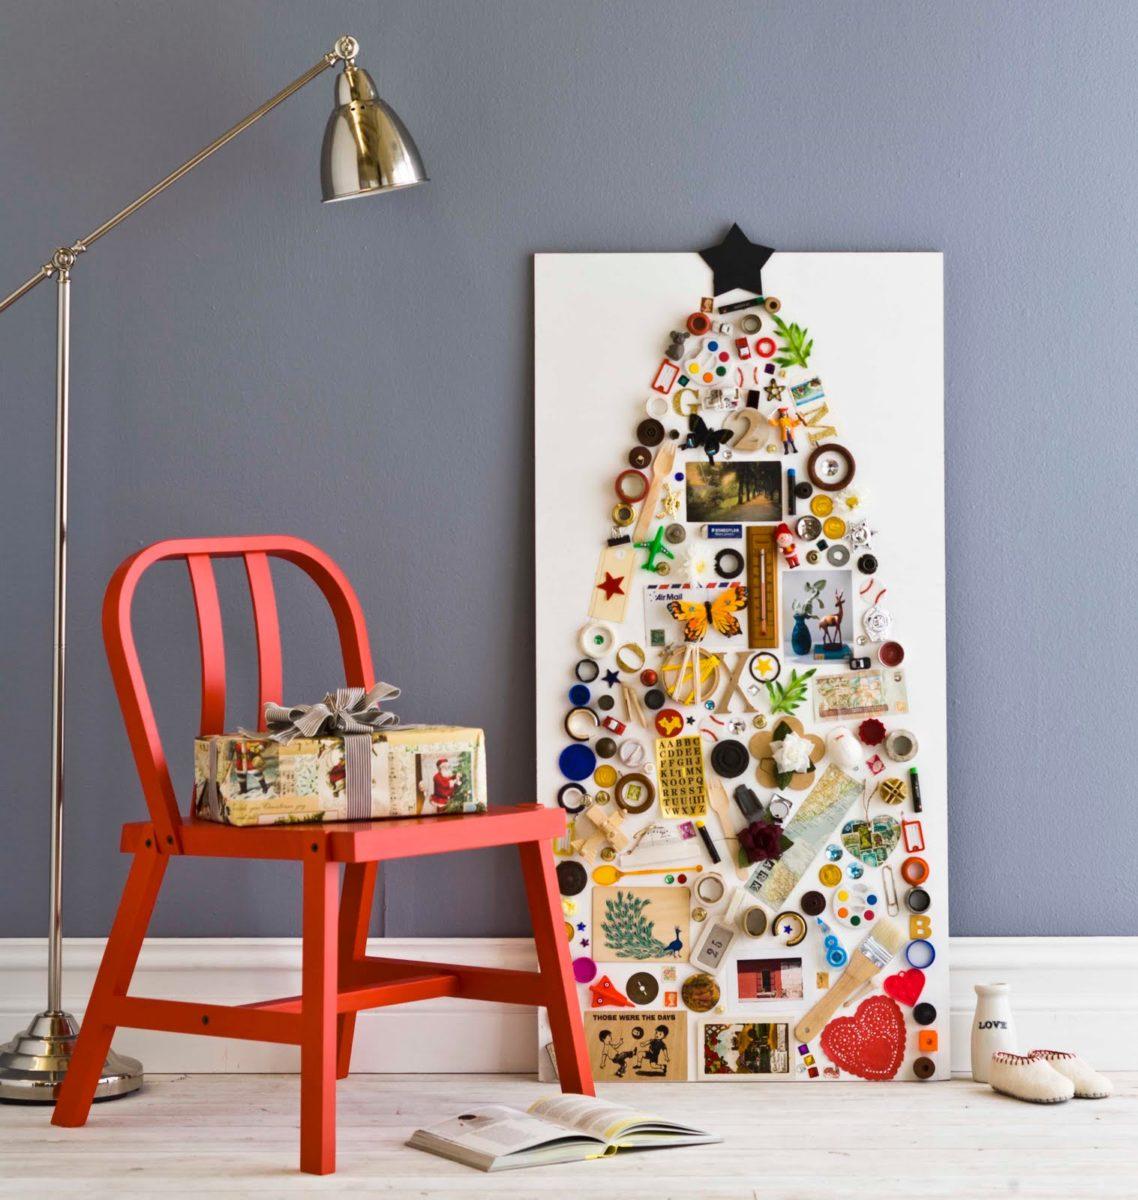 albero-natale-grande-particolare-oggetti